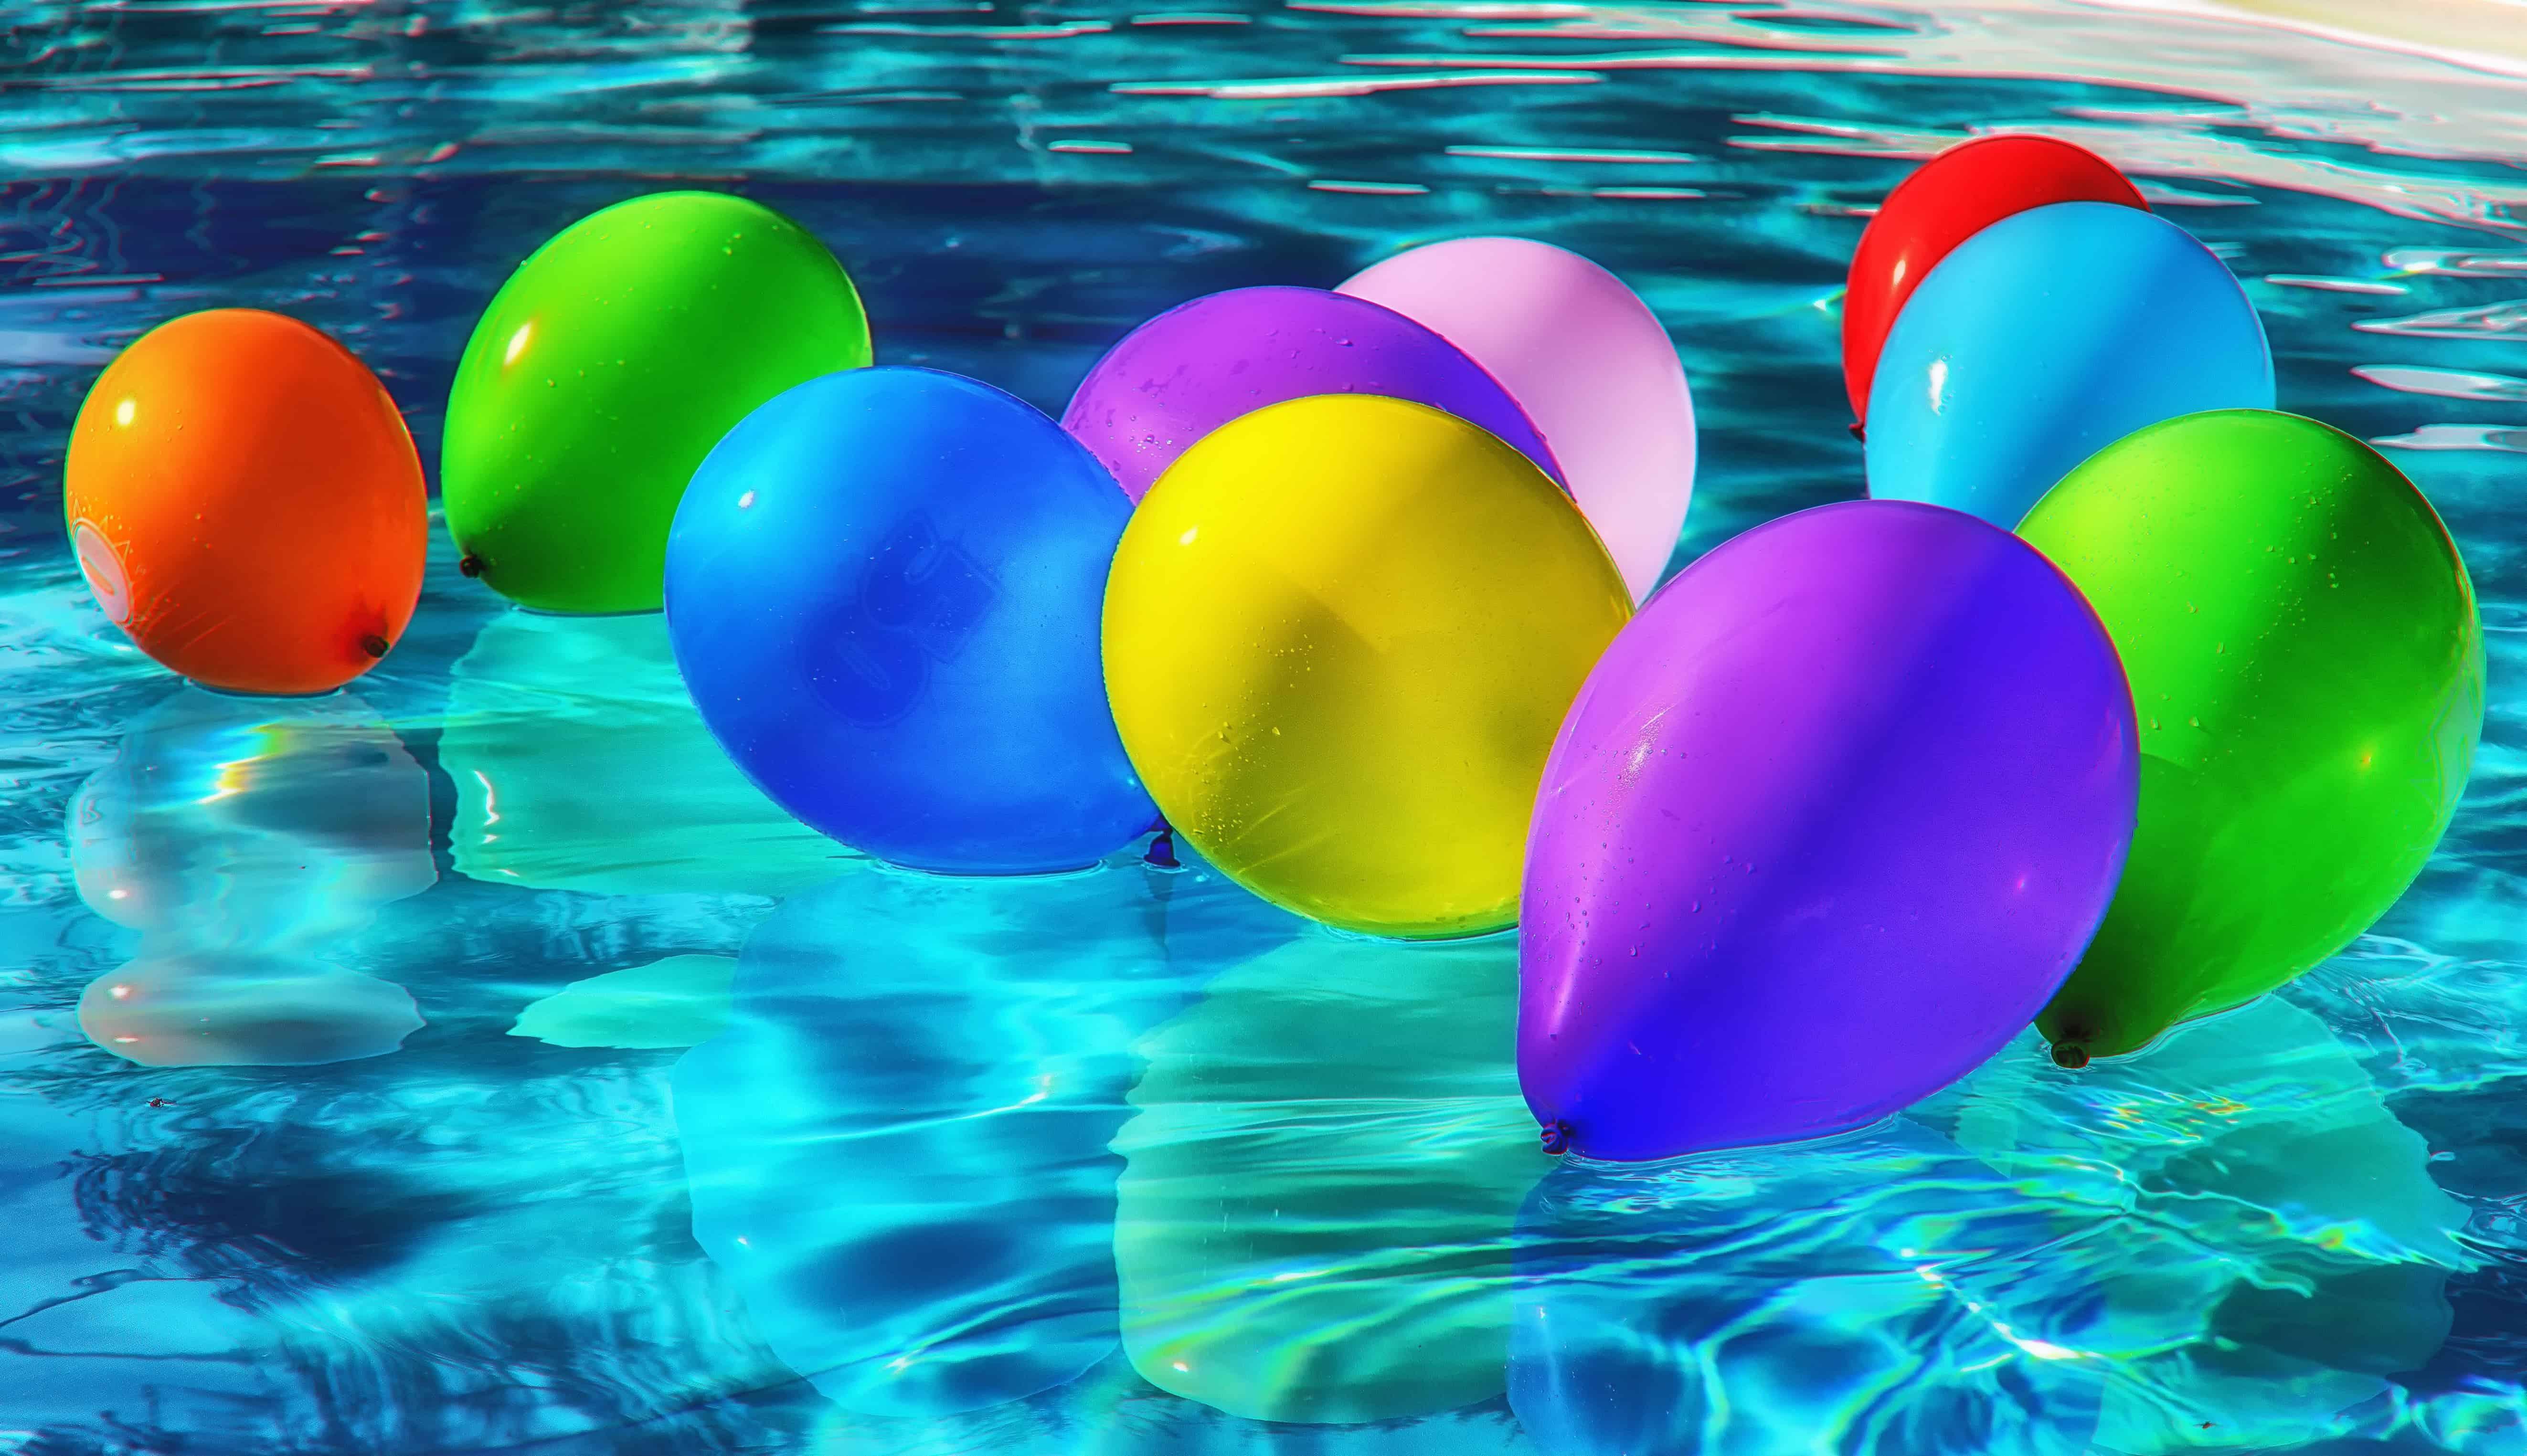 Kostenlose Bild Schwimmbad bunt Ballon Wasser Reflexion Sommer nass